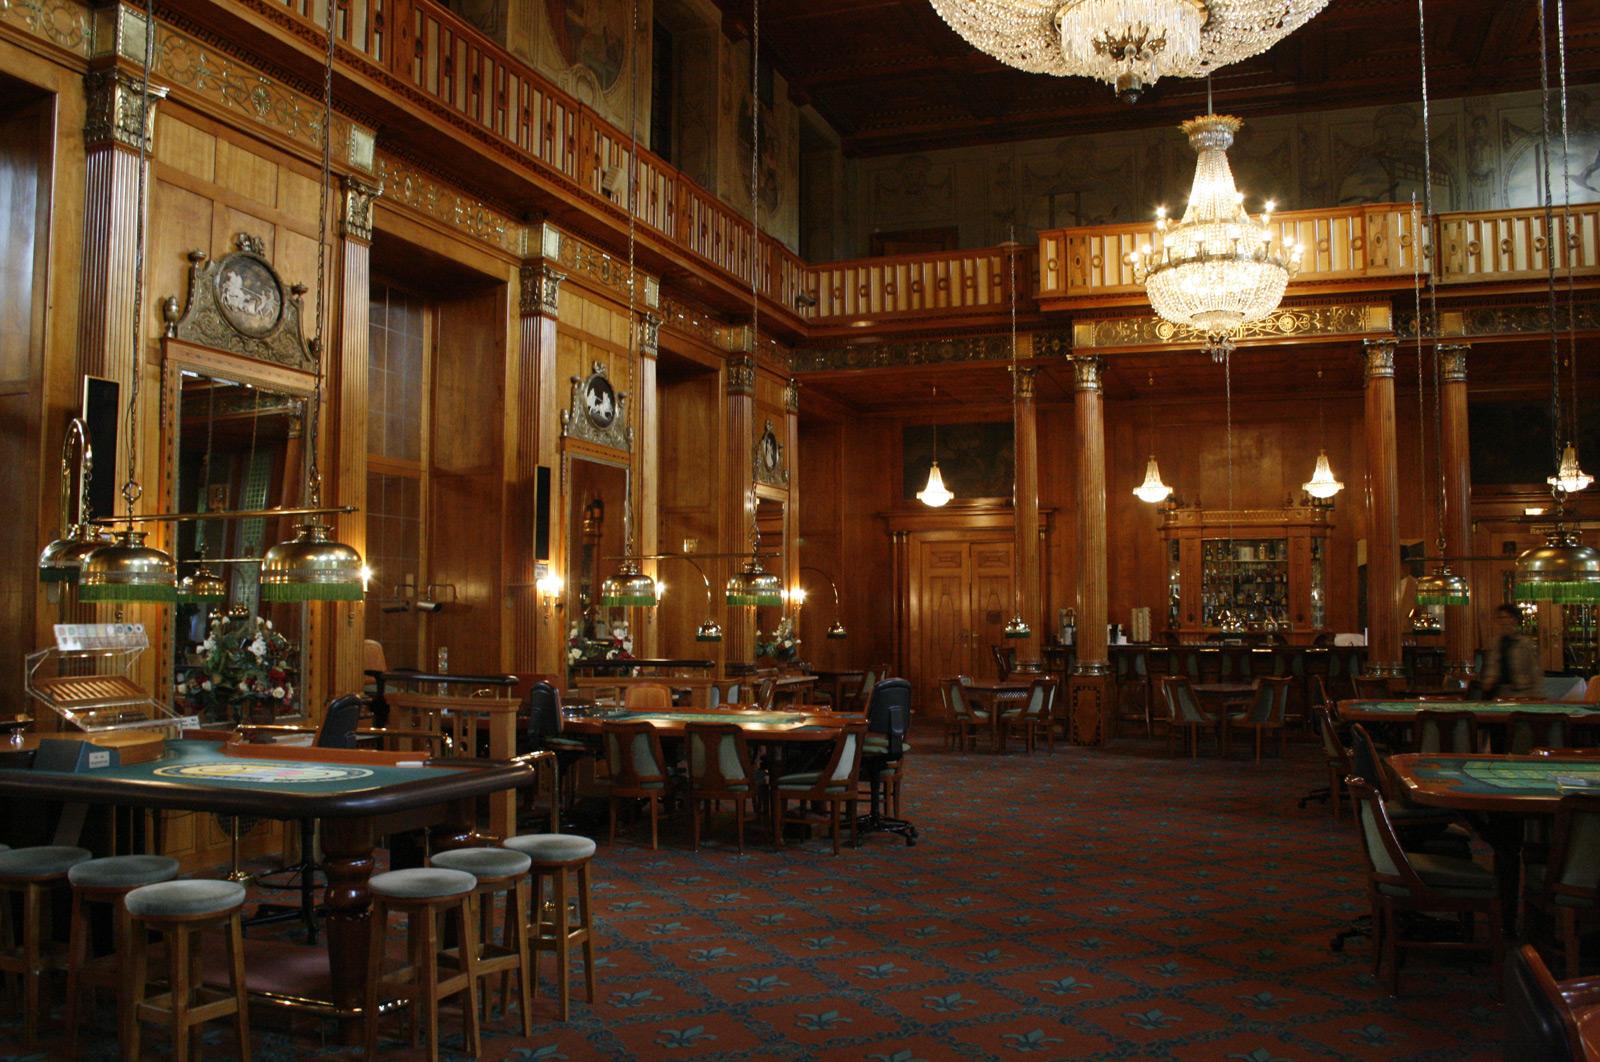 Wiesbadener spielbank online casino help addictions gambling